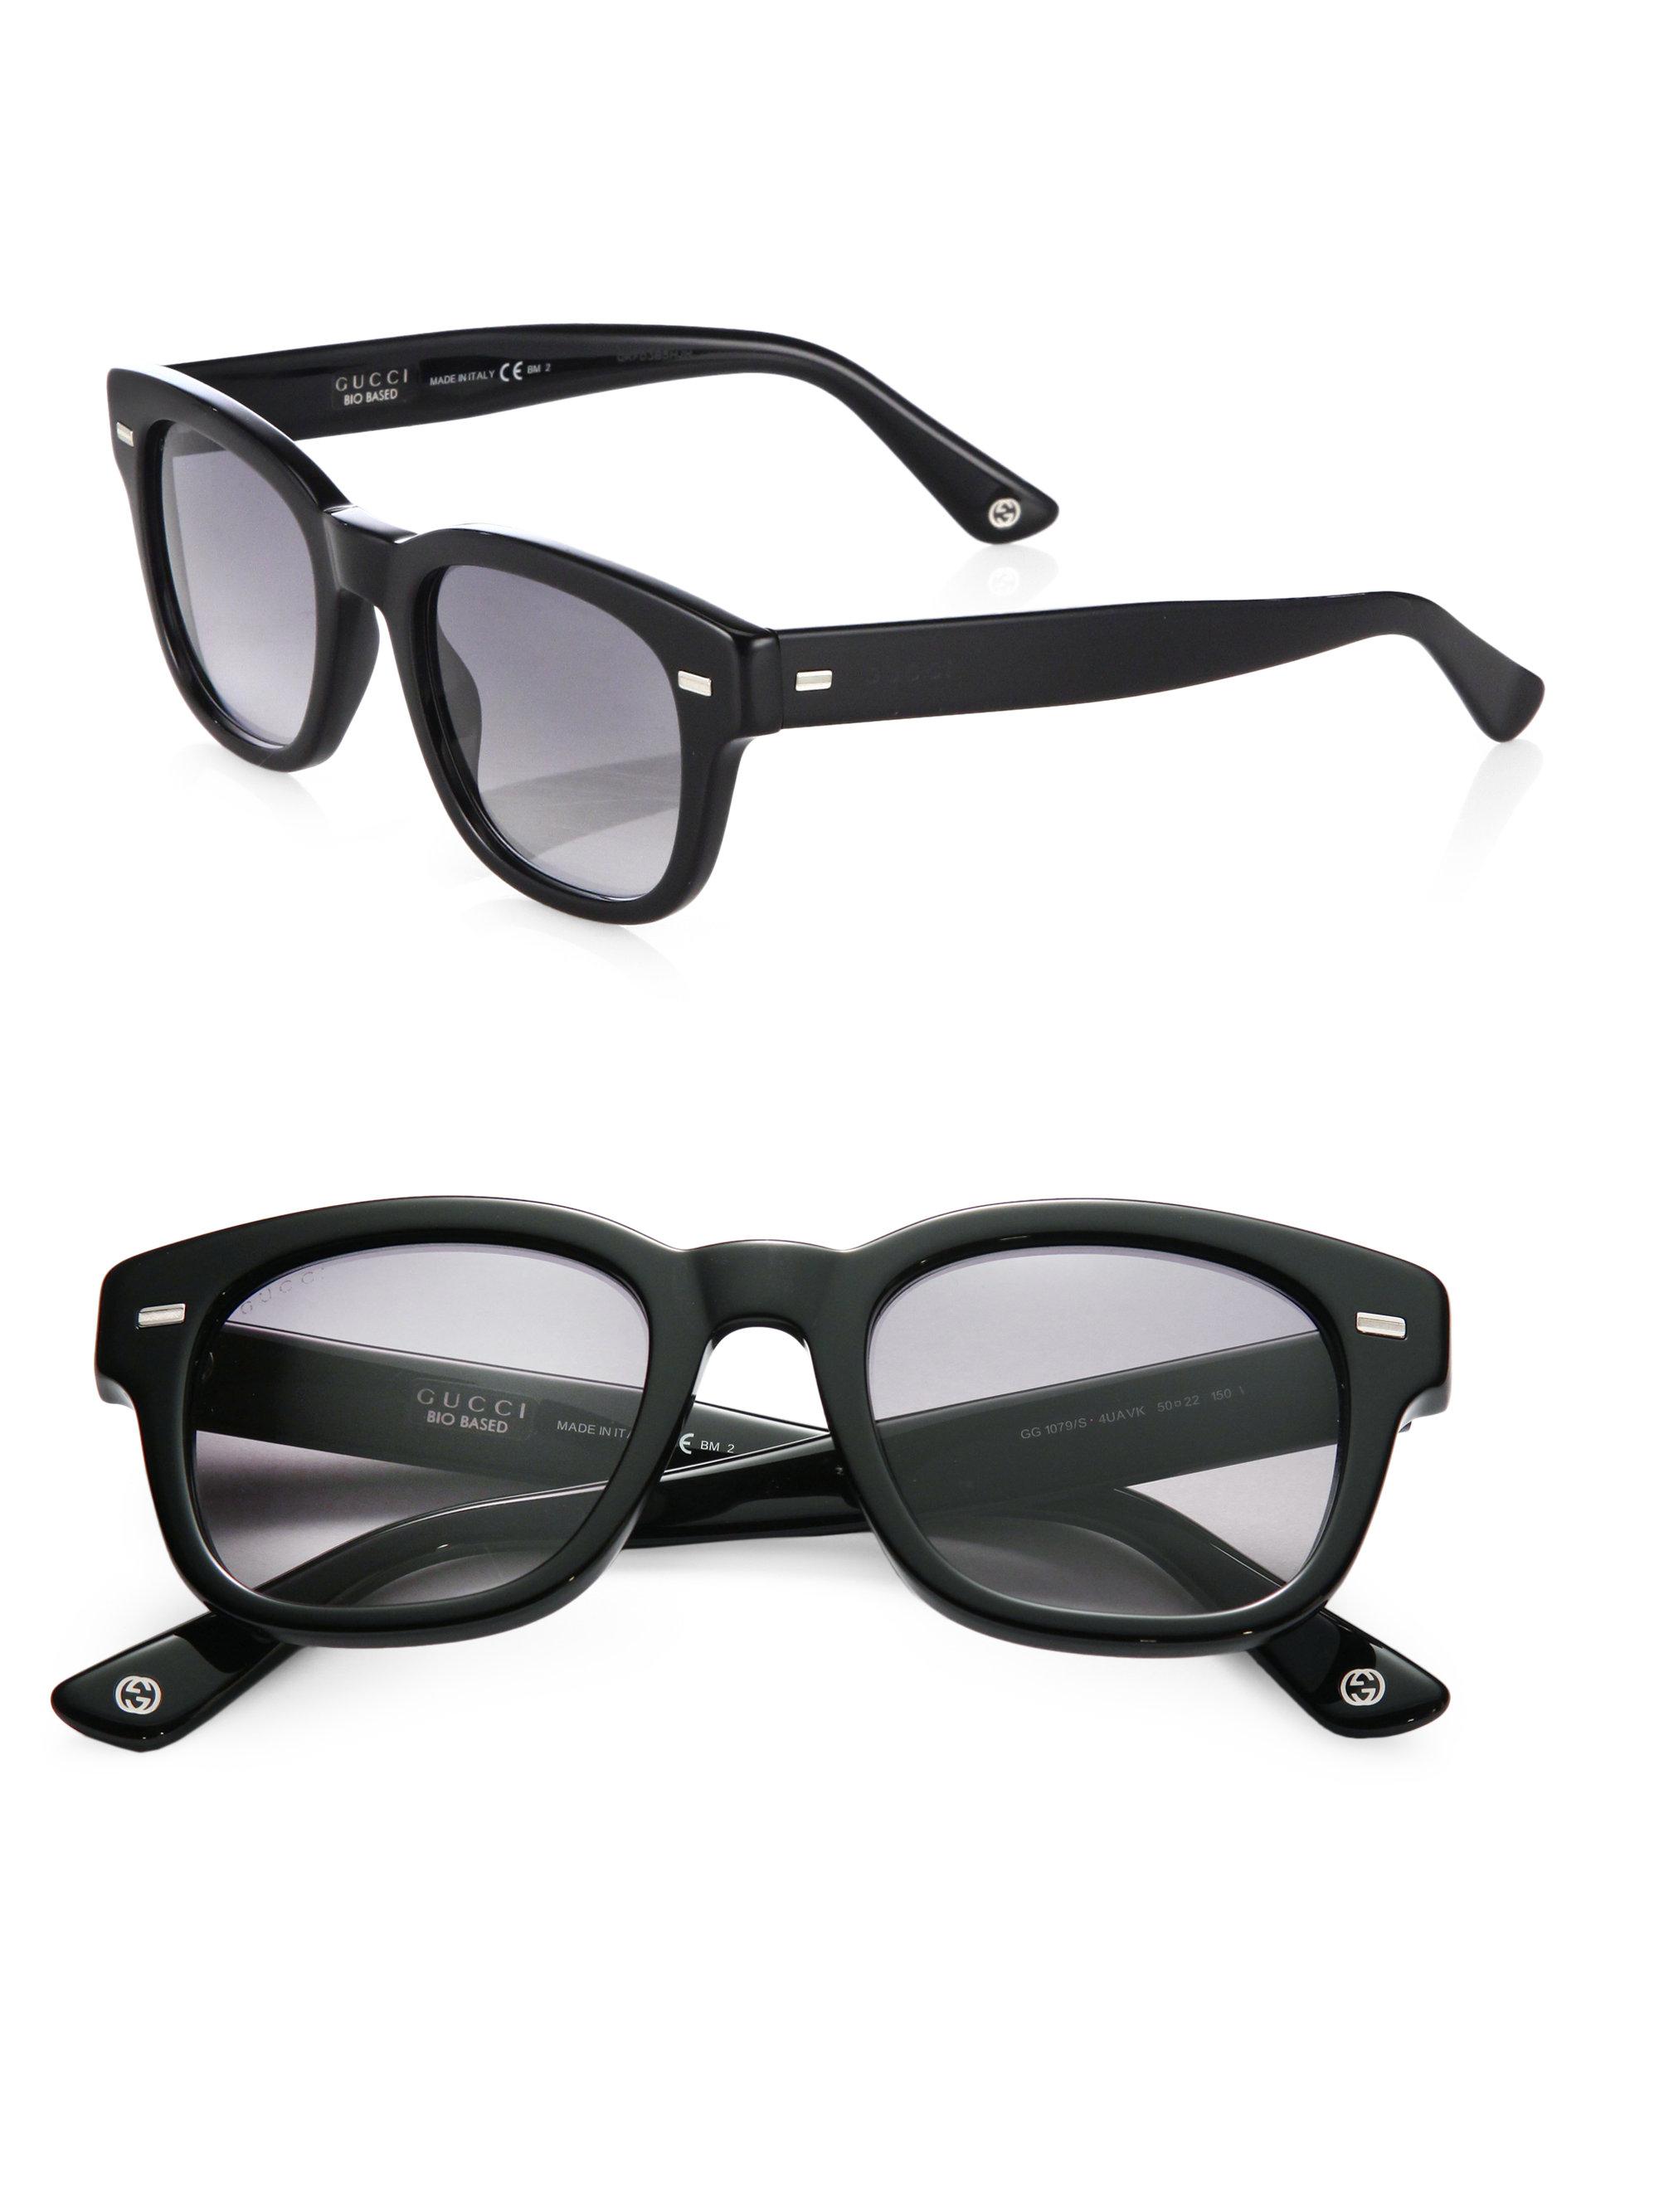 6a03e5f2b05 Gucci Acetate Wayfarer Sunglasses in Black for Men